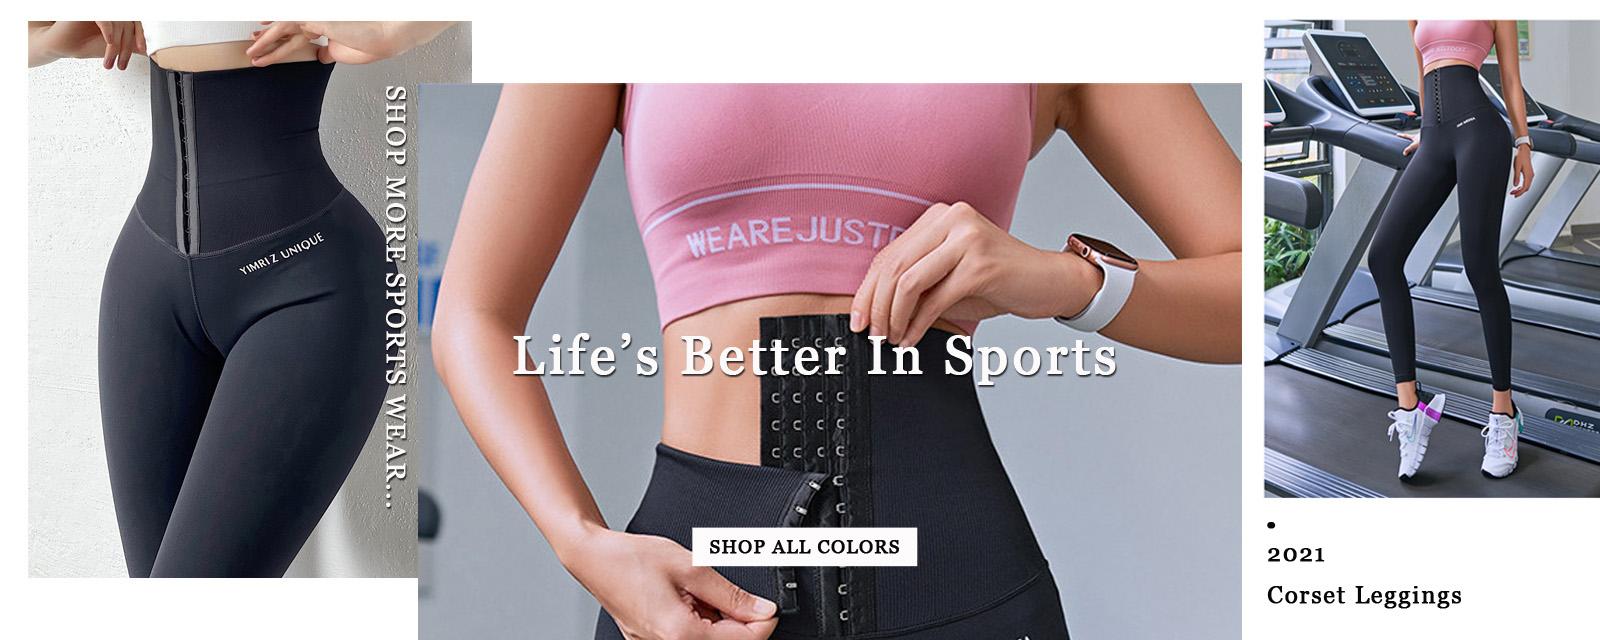 Spor Spor Yüksek Bel Korse Yoga Tayt